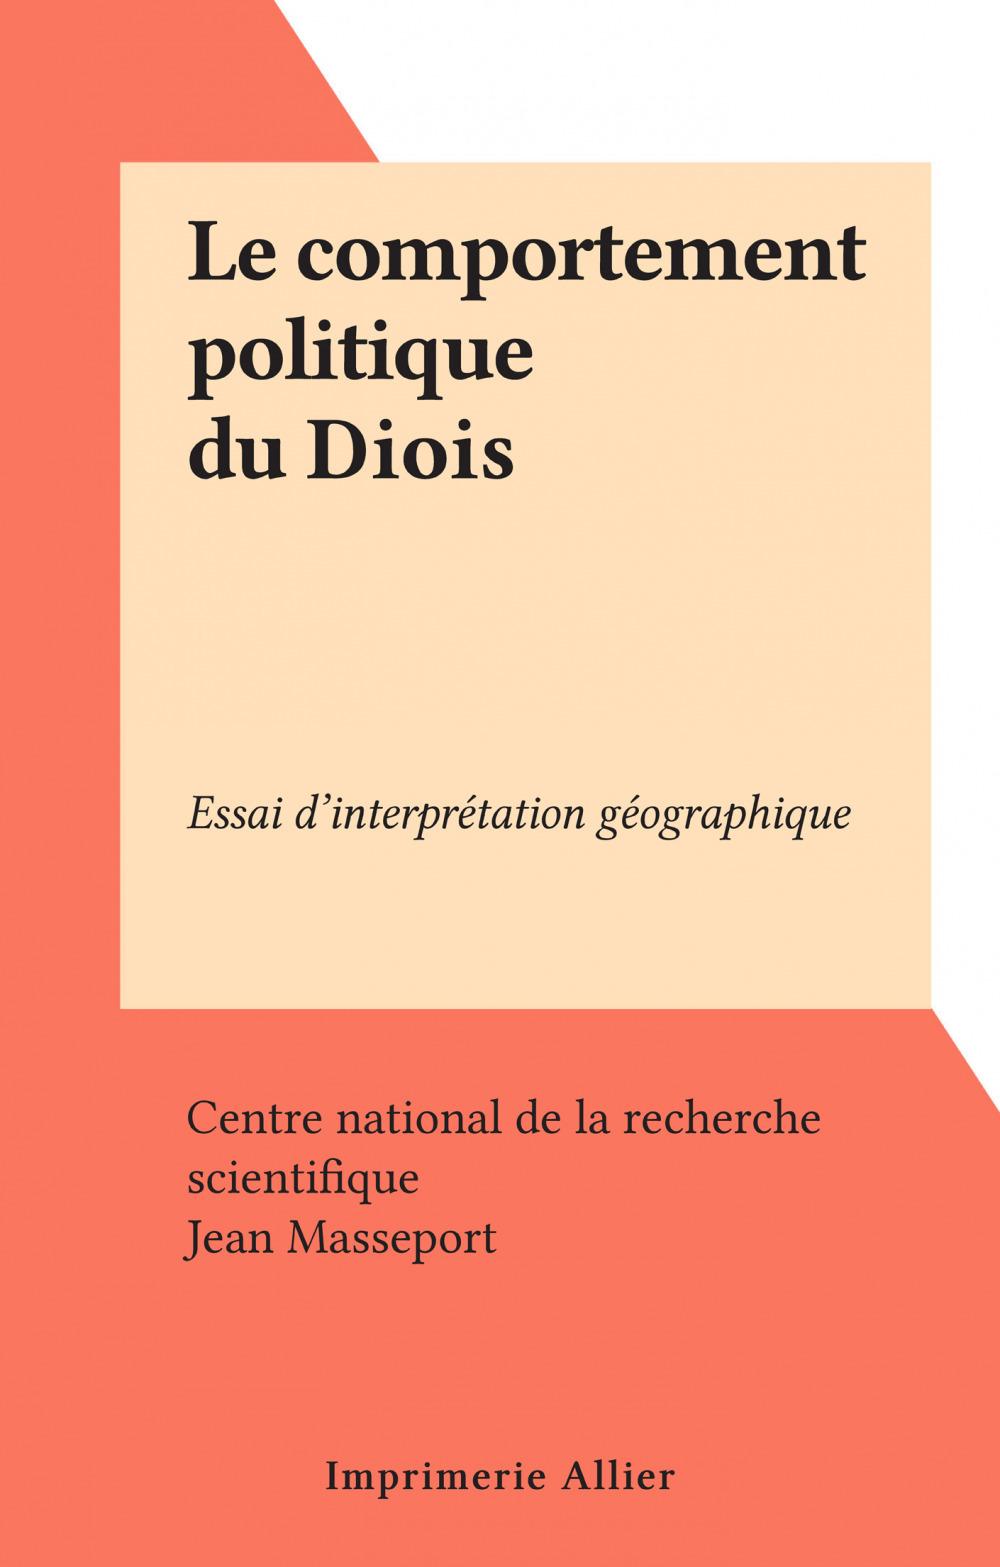 Le comportement politique du Diois